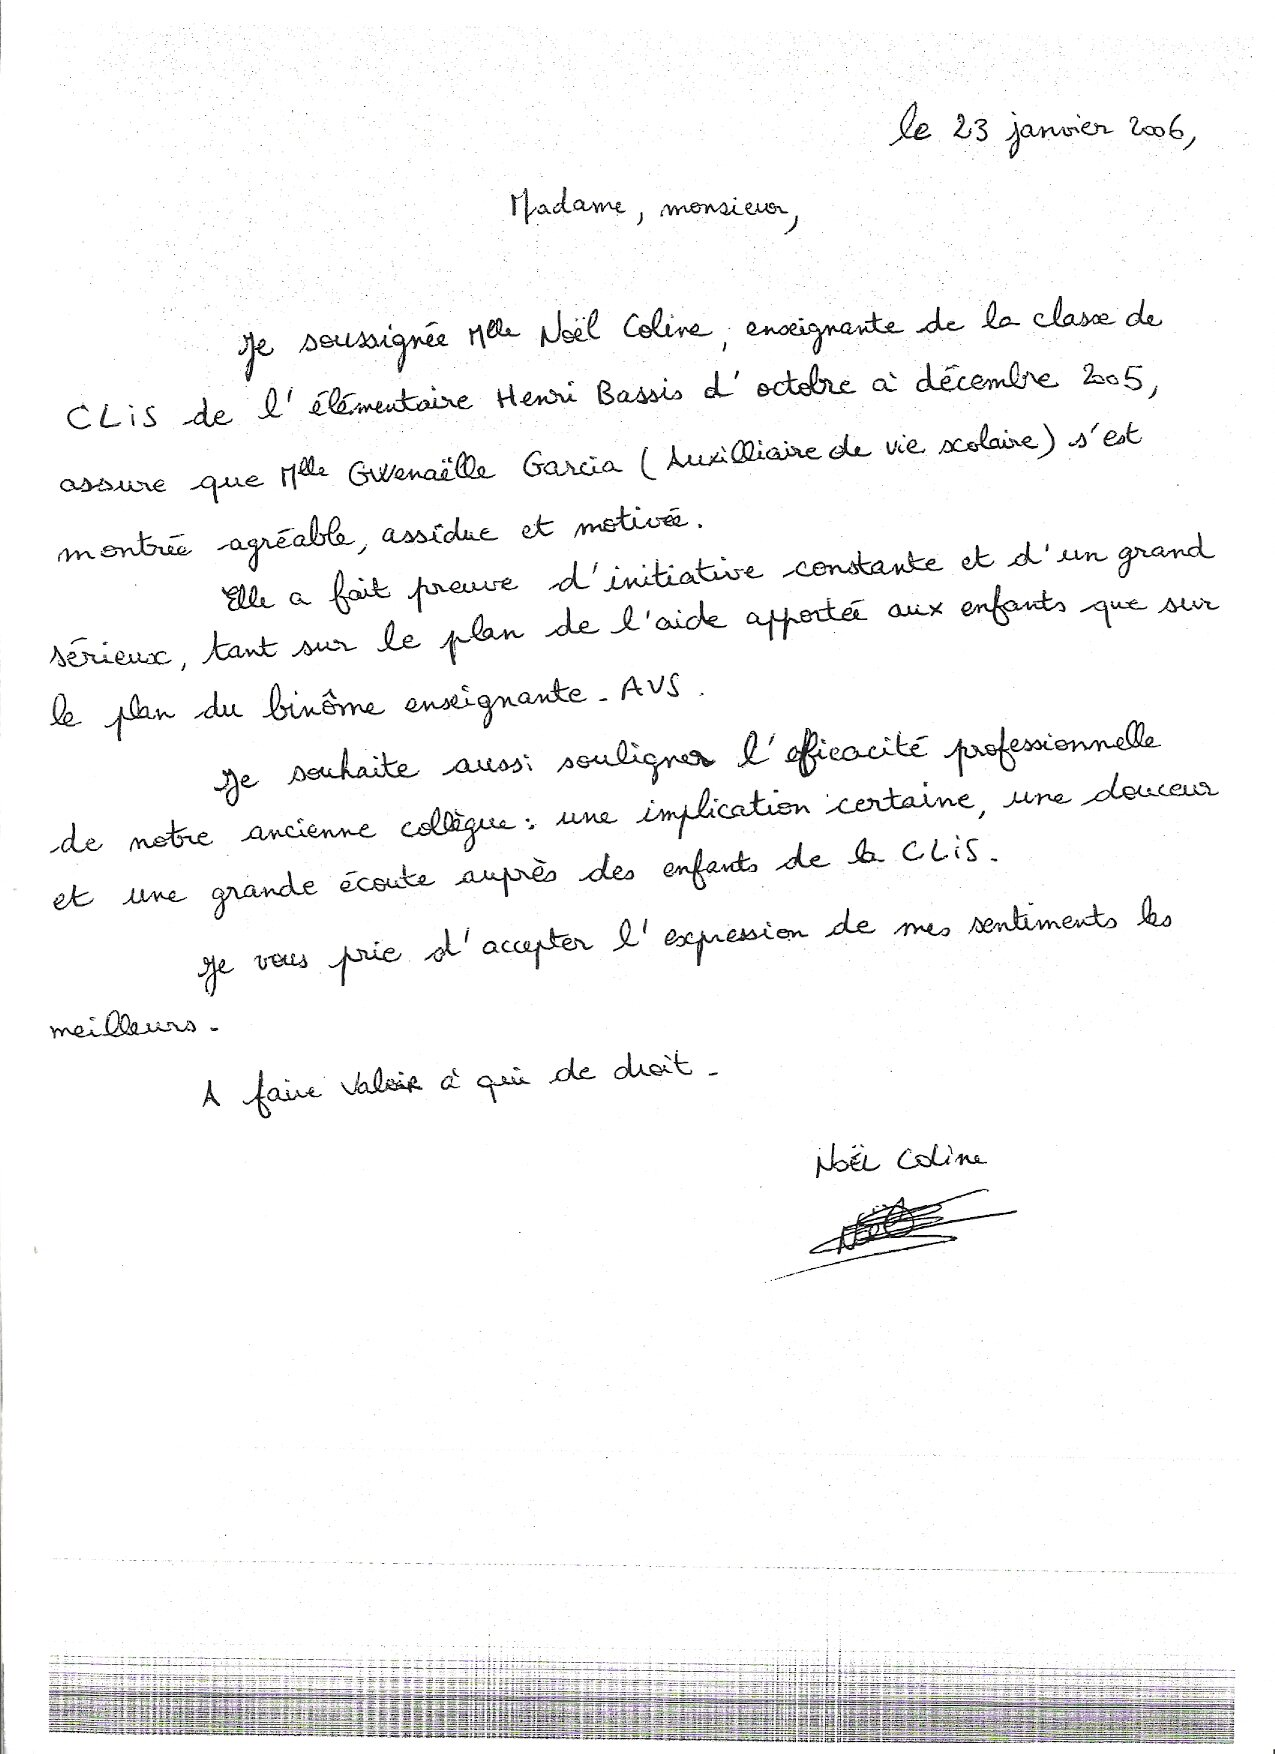 lettre de recommandation pour avs AVS en CLIS (groupe scolaire Henri Bassis de Champigny sur Marne  lettre de recommandation pour avs